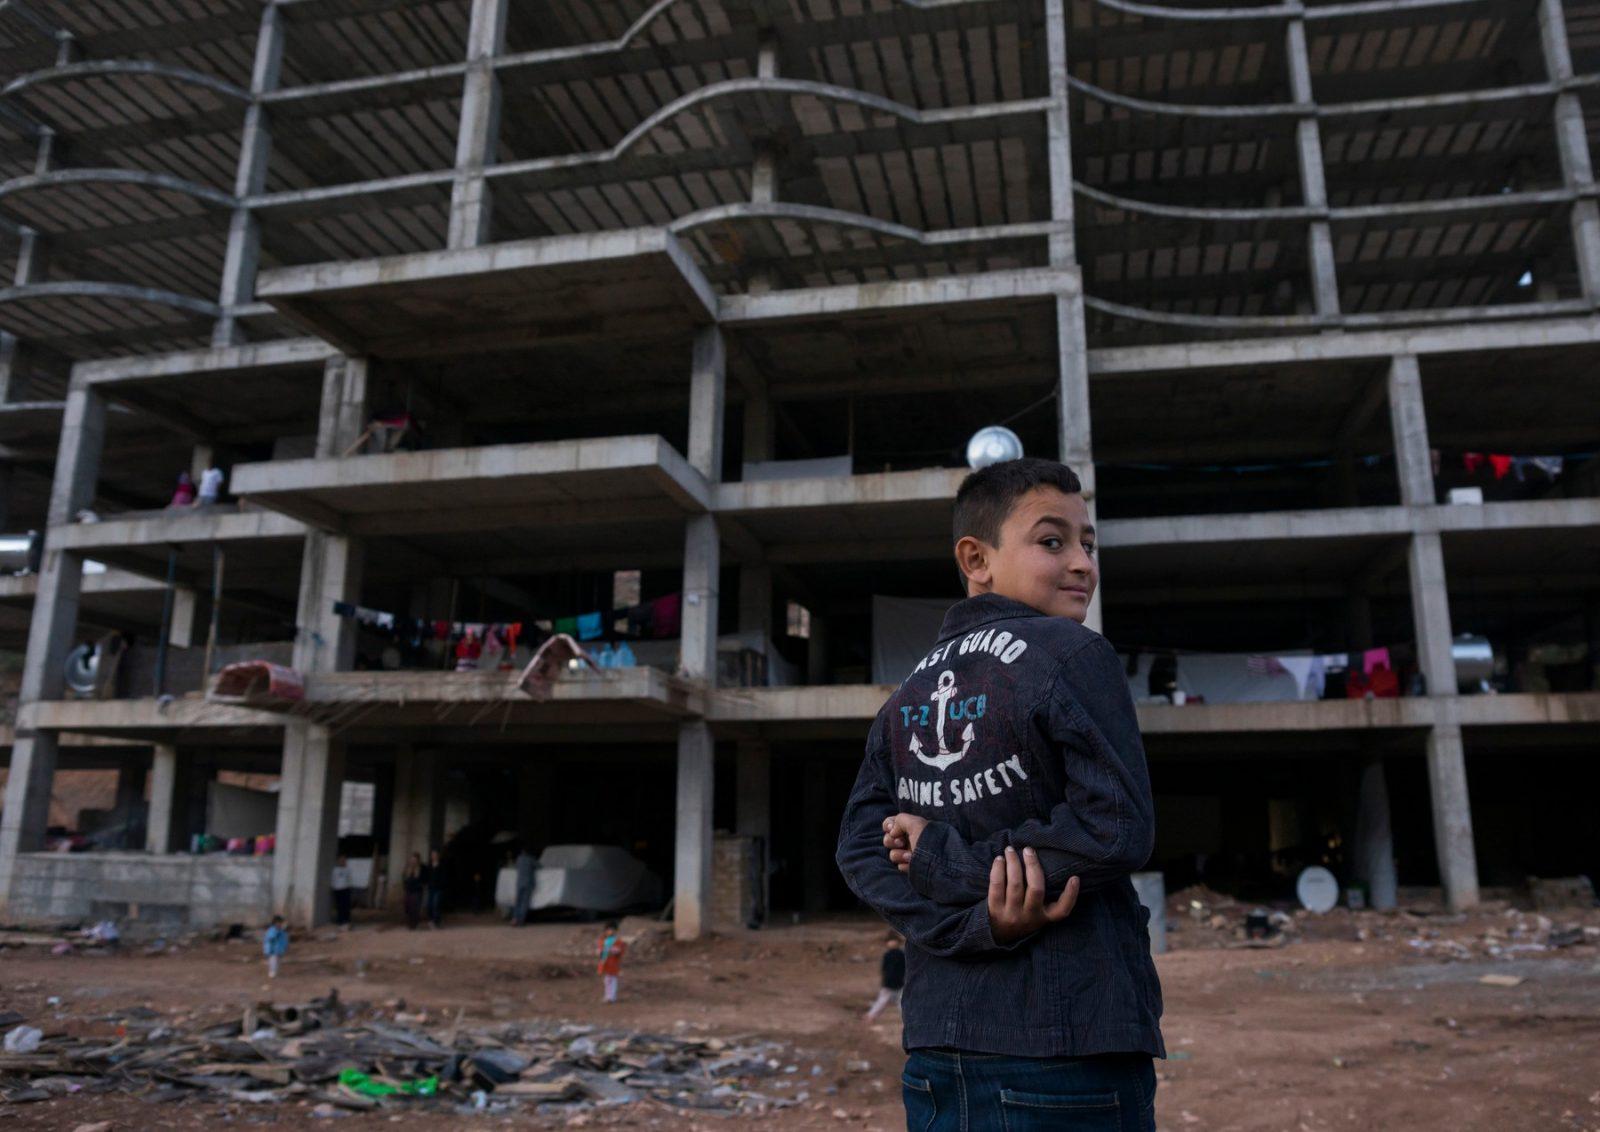 Po útěku ze Sindžáru rodiny jezídů přežívali také v rozestavěných budovách, podle Černého nebezpečných hlavně pro děti. Fotka z provincie Dohúk v Kurdistánu z roku 2014